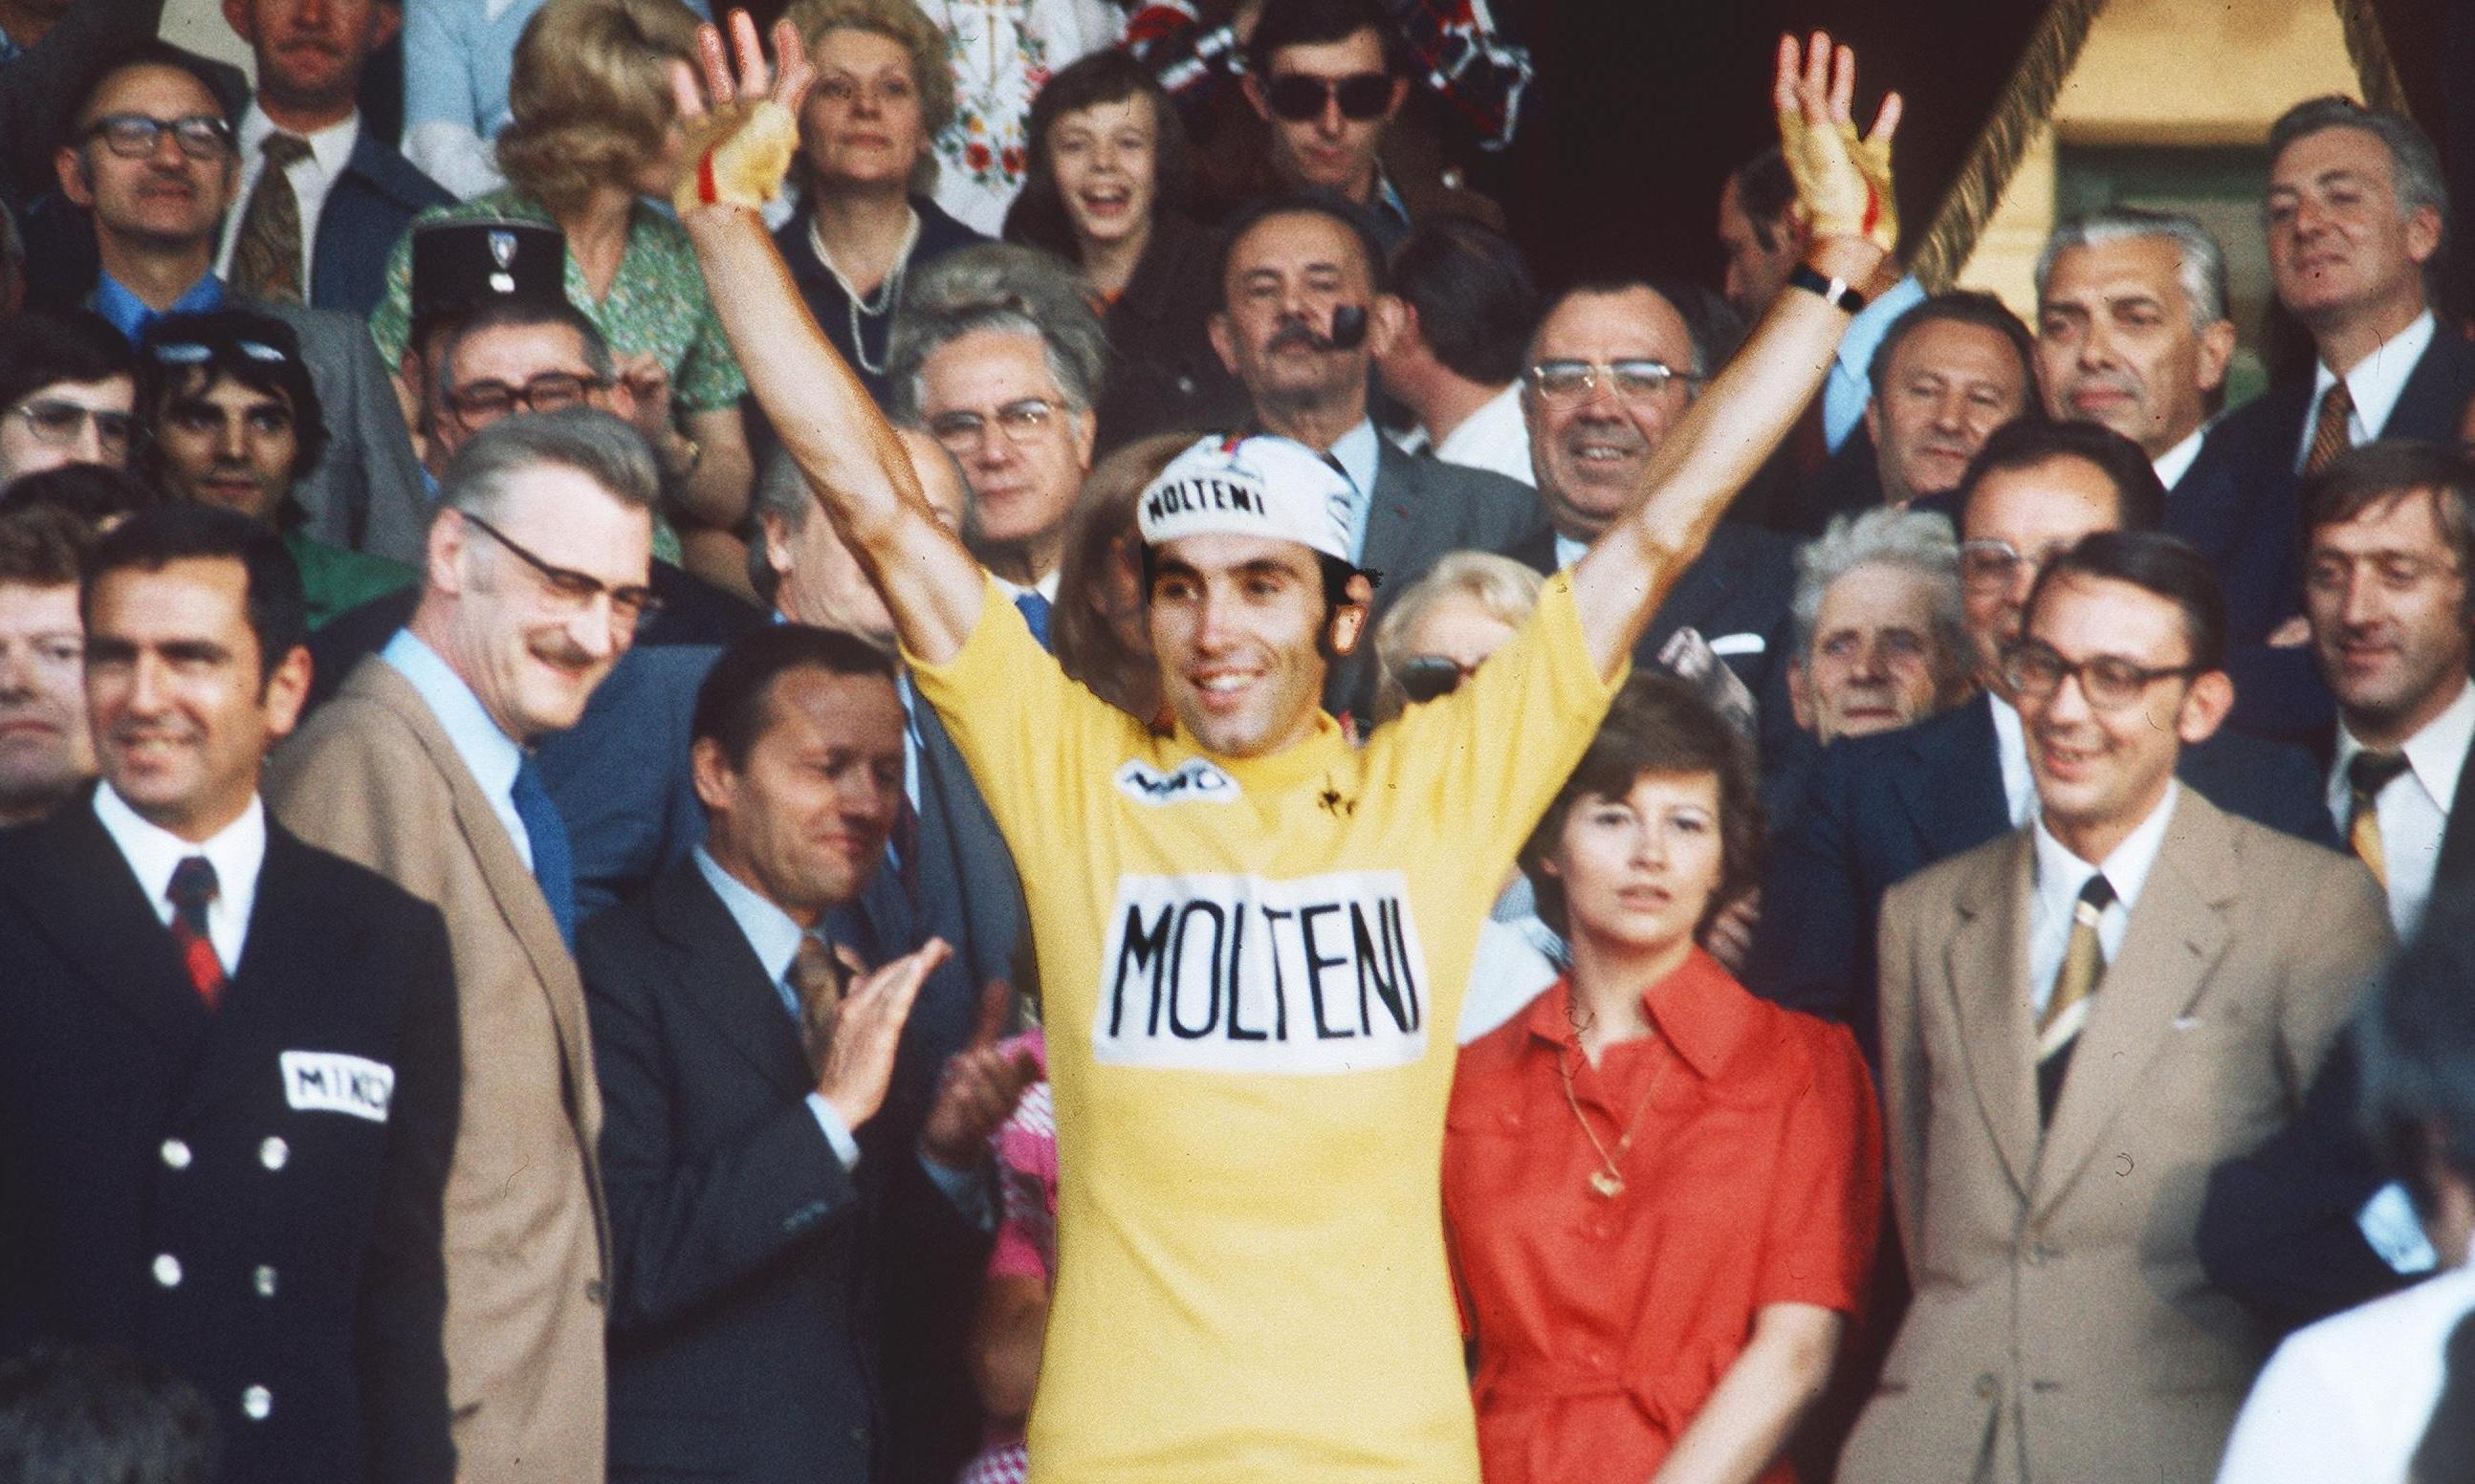 Eddy Merckx casts lengthy shadow over current crop of Belgian talent